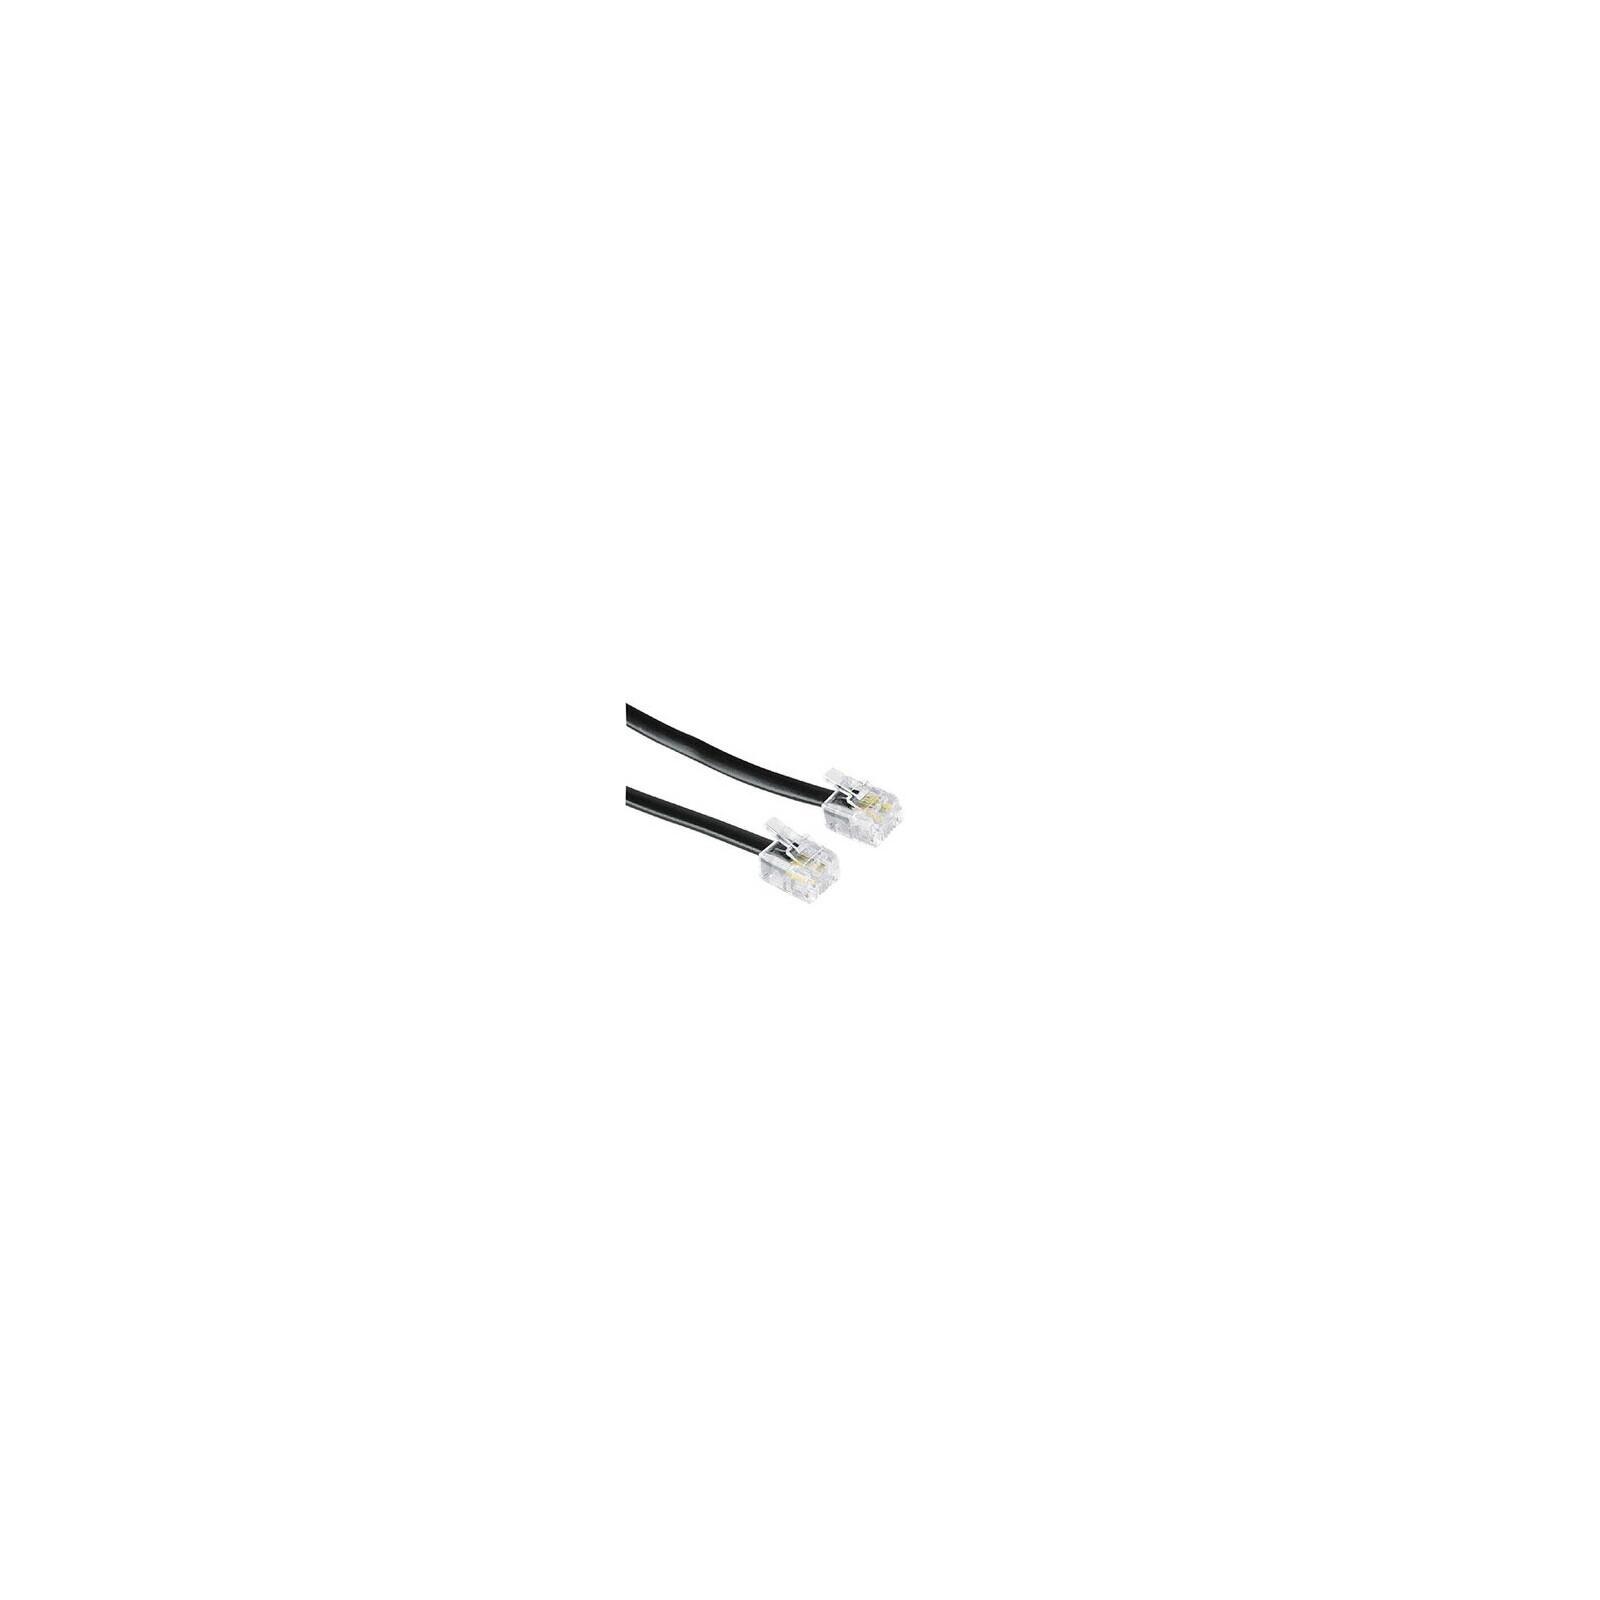 Hama Modularkabel Stecker 6p4c 15m